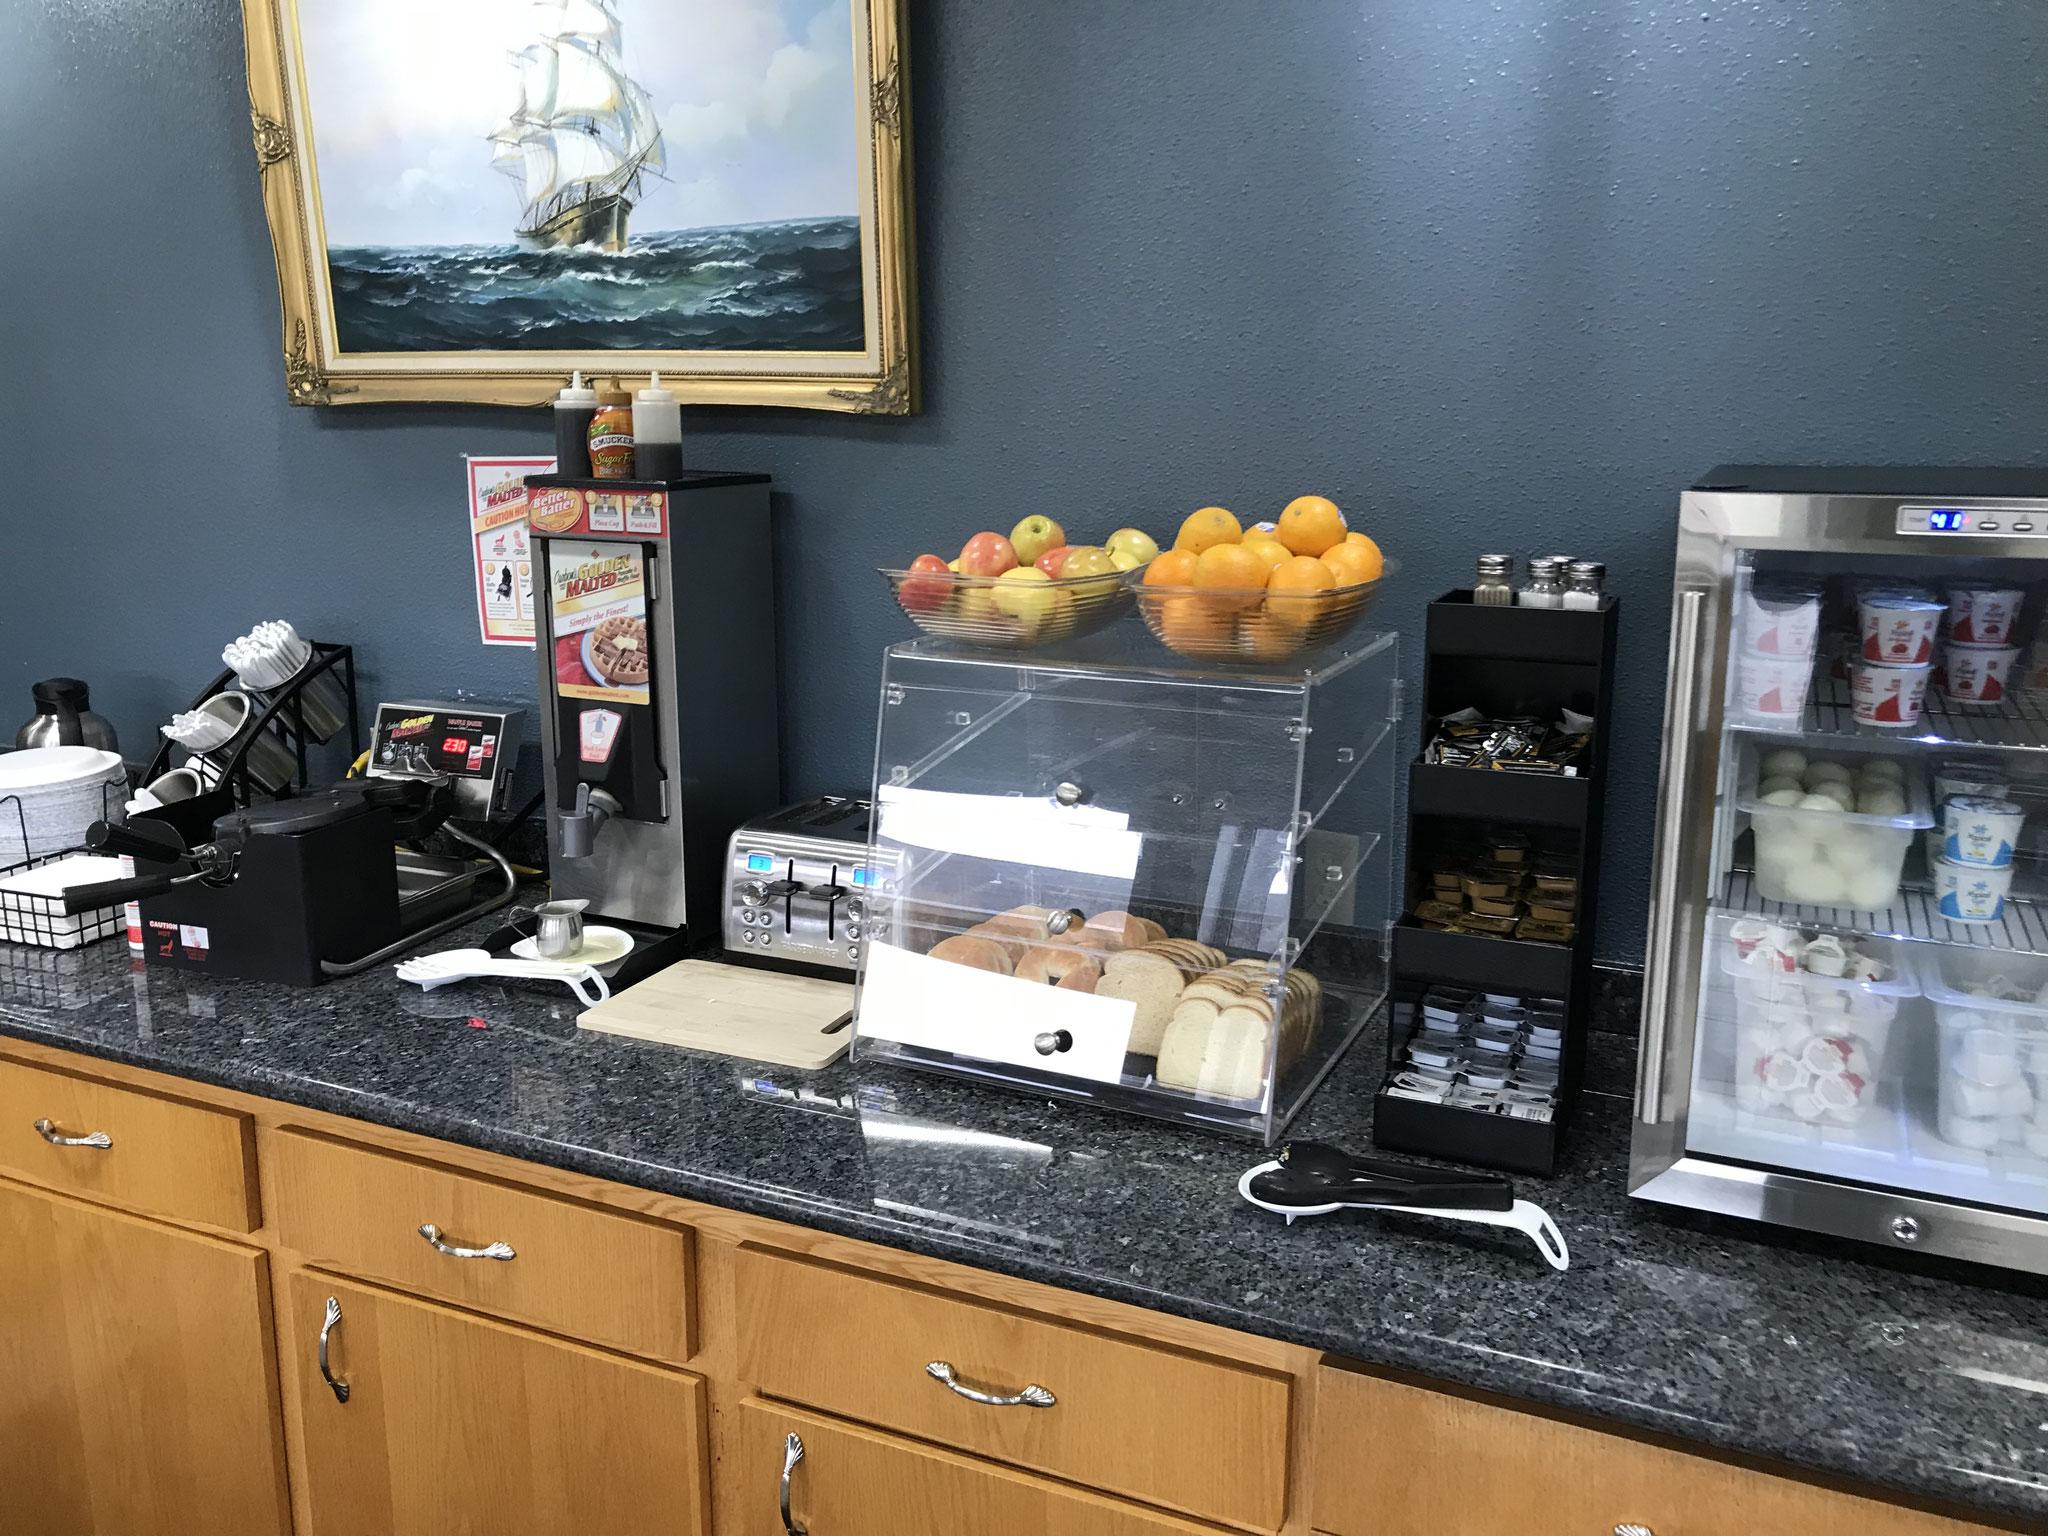 Die Ausstattung der Zimmer in den Motels war gut, das Frühstück auf bzw. in Wegwerfgeschirr war gewöhnungsbedürftig.